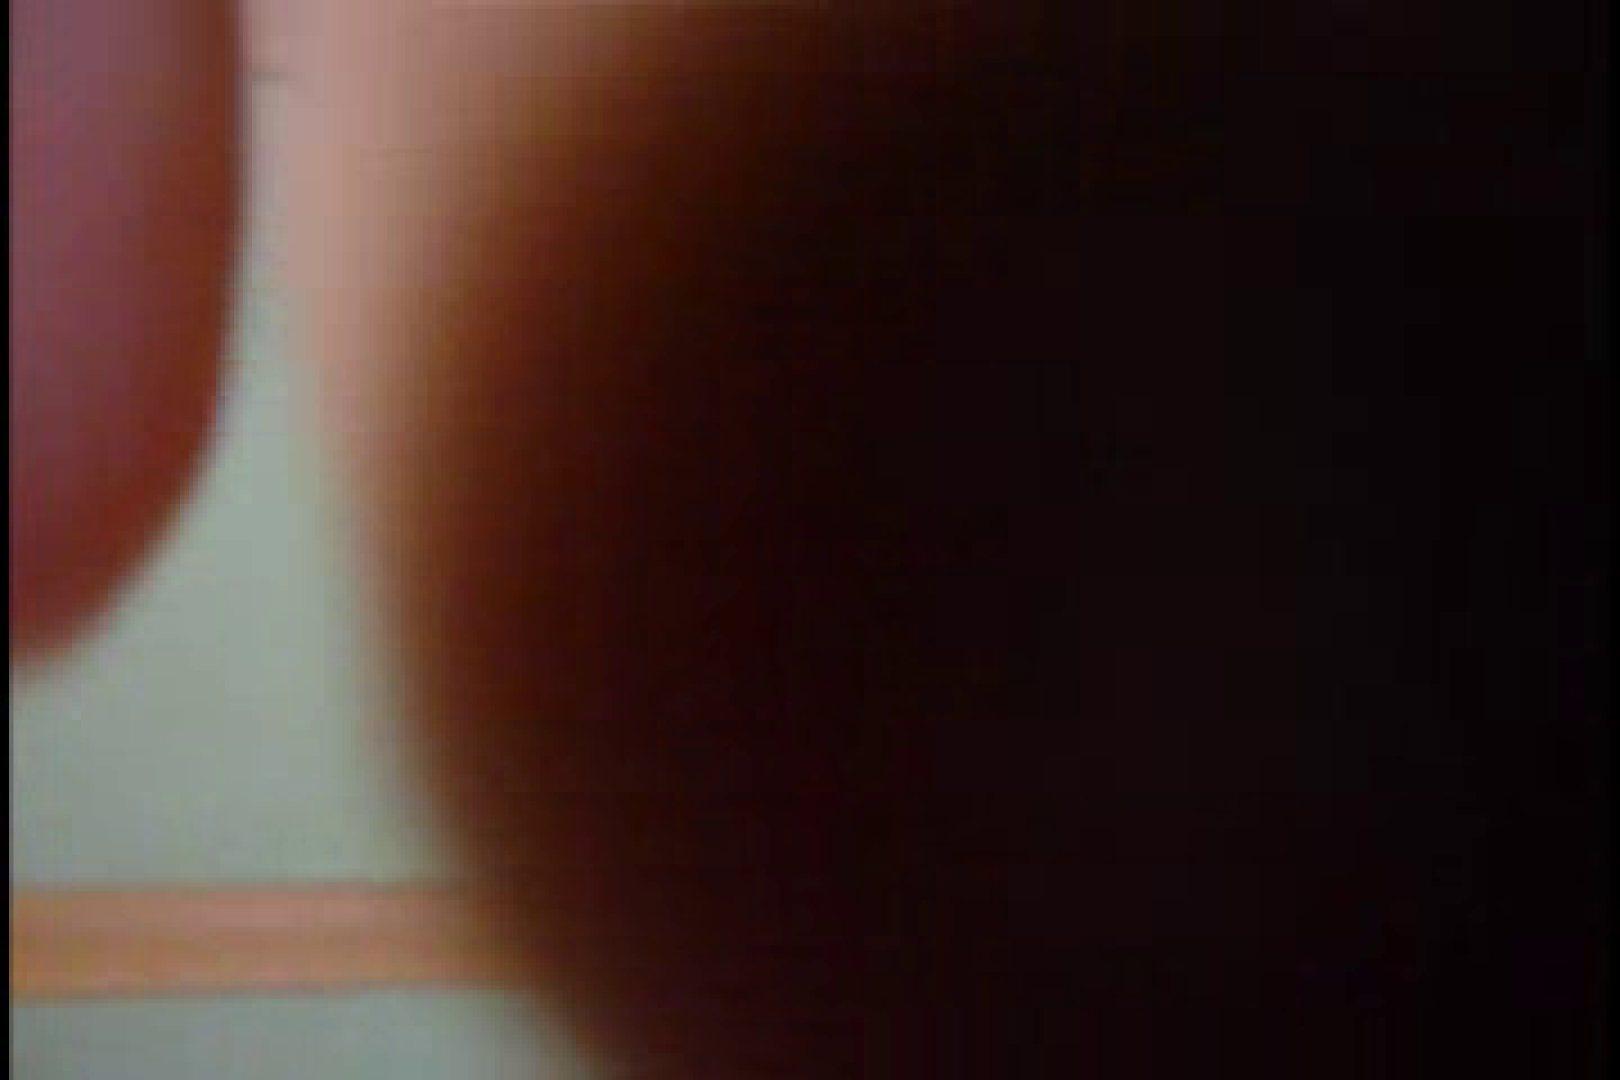 オナ好きノンケテニス部員の自画撮り投稿vol.10 ノンケ達のセックス ゲイアダルトビデオ画像 110画像 27